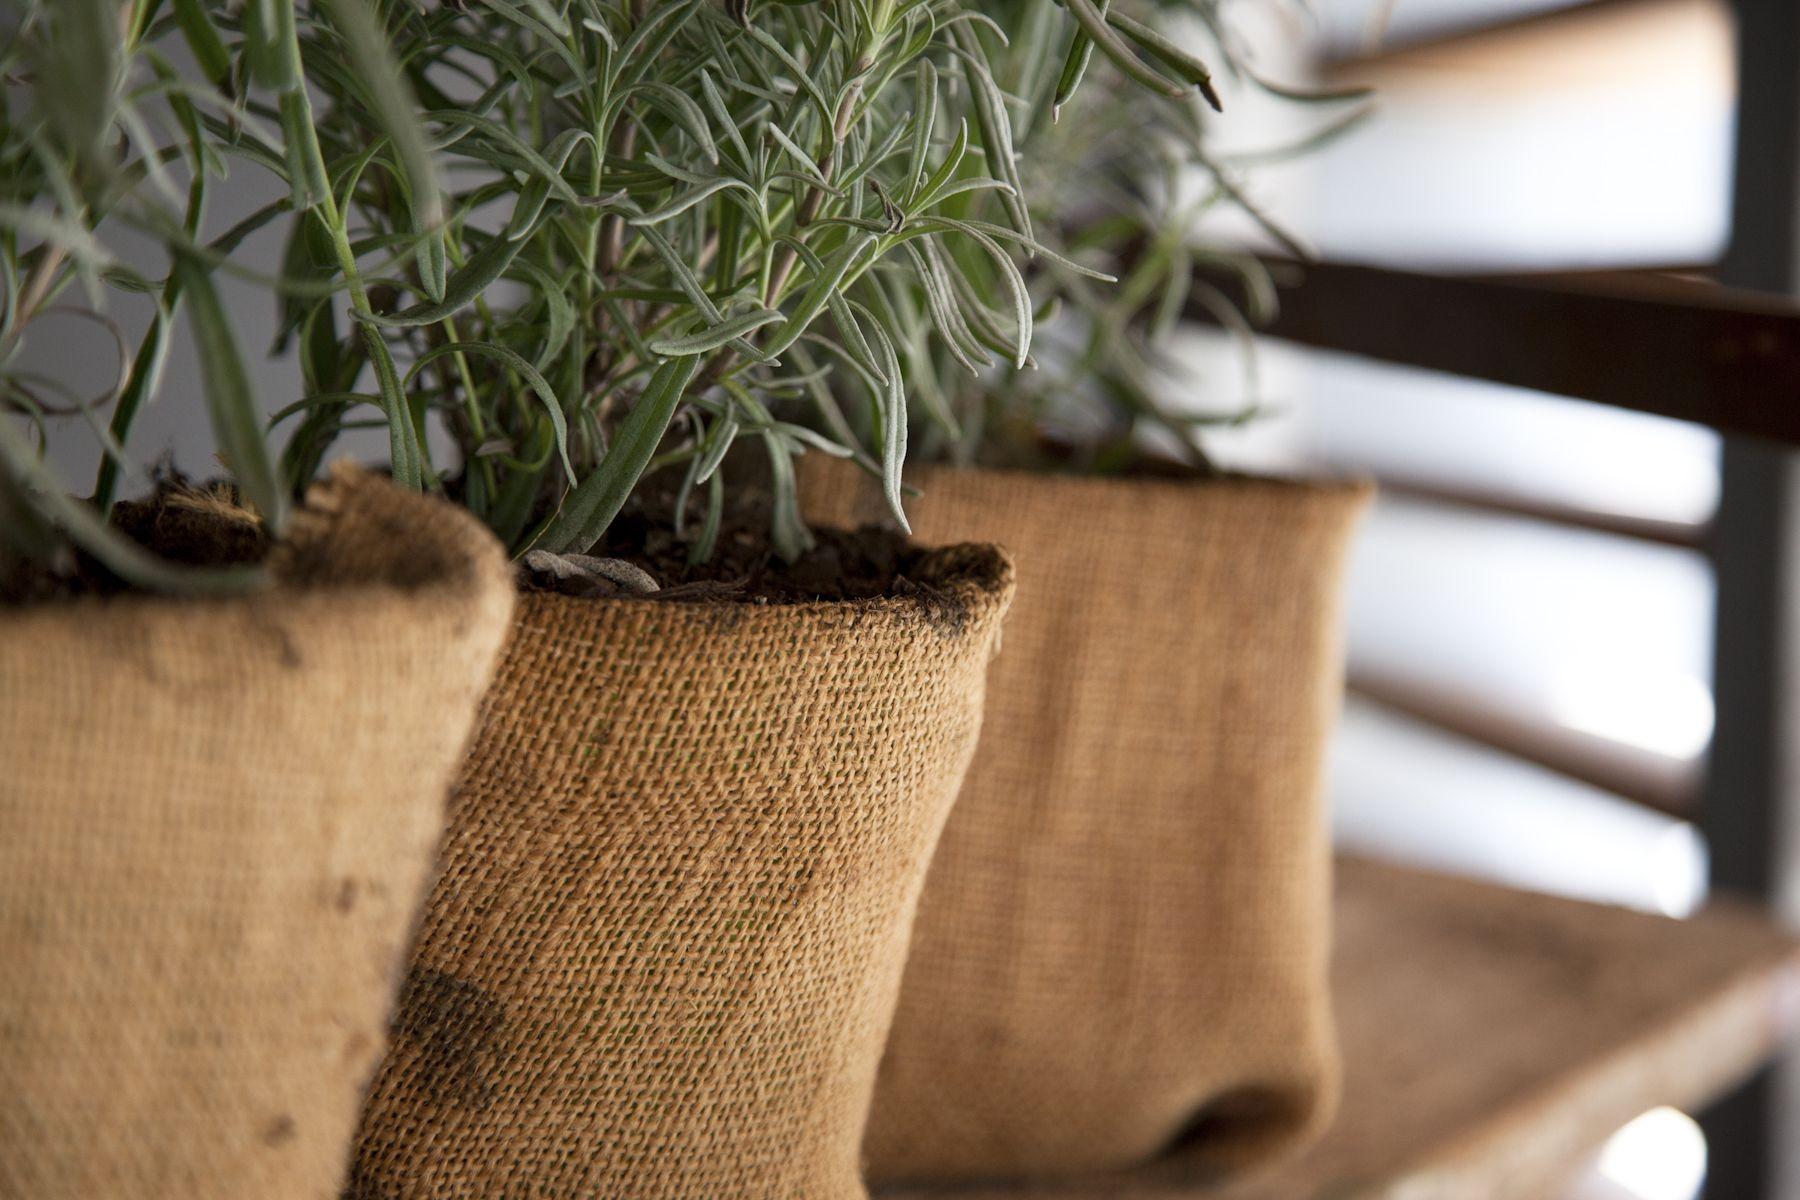 Macetas forradas con tela de saco elena pinterest - Manualidades con tela de saco ...